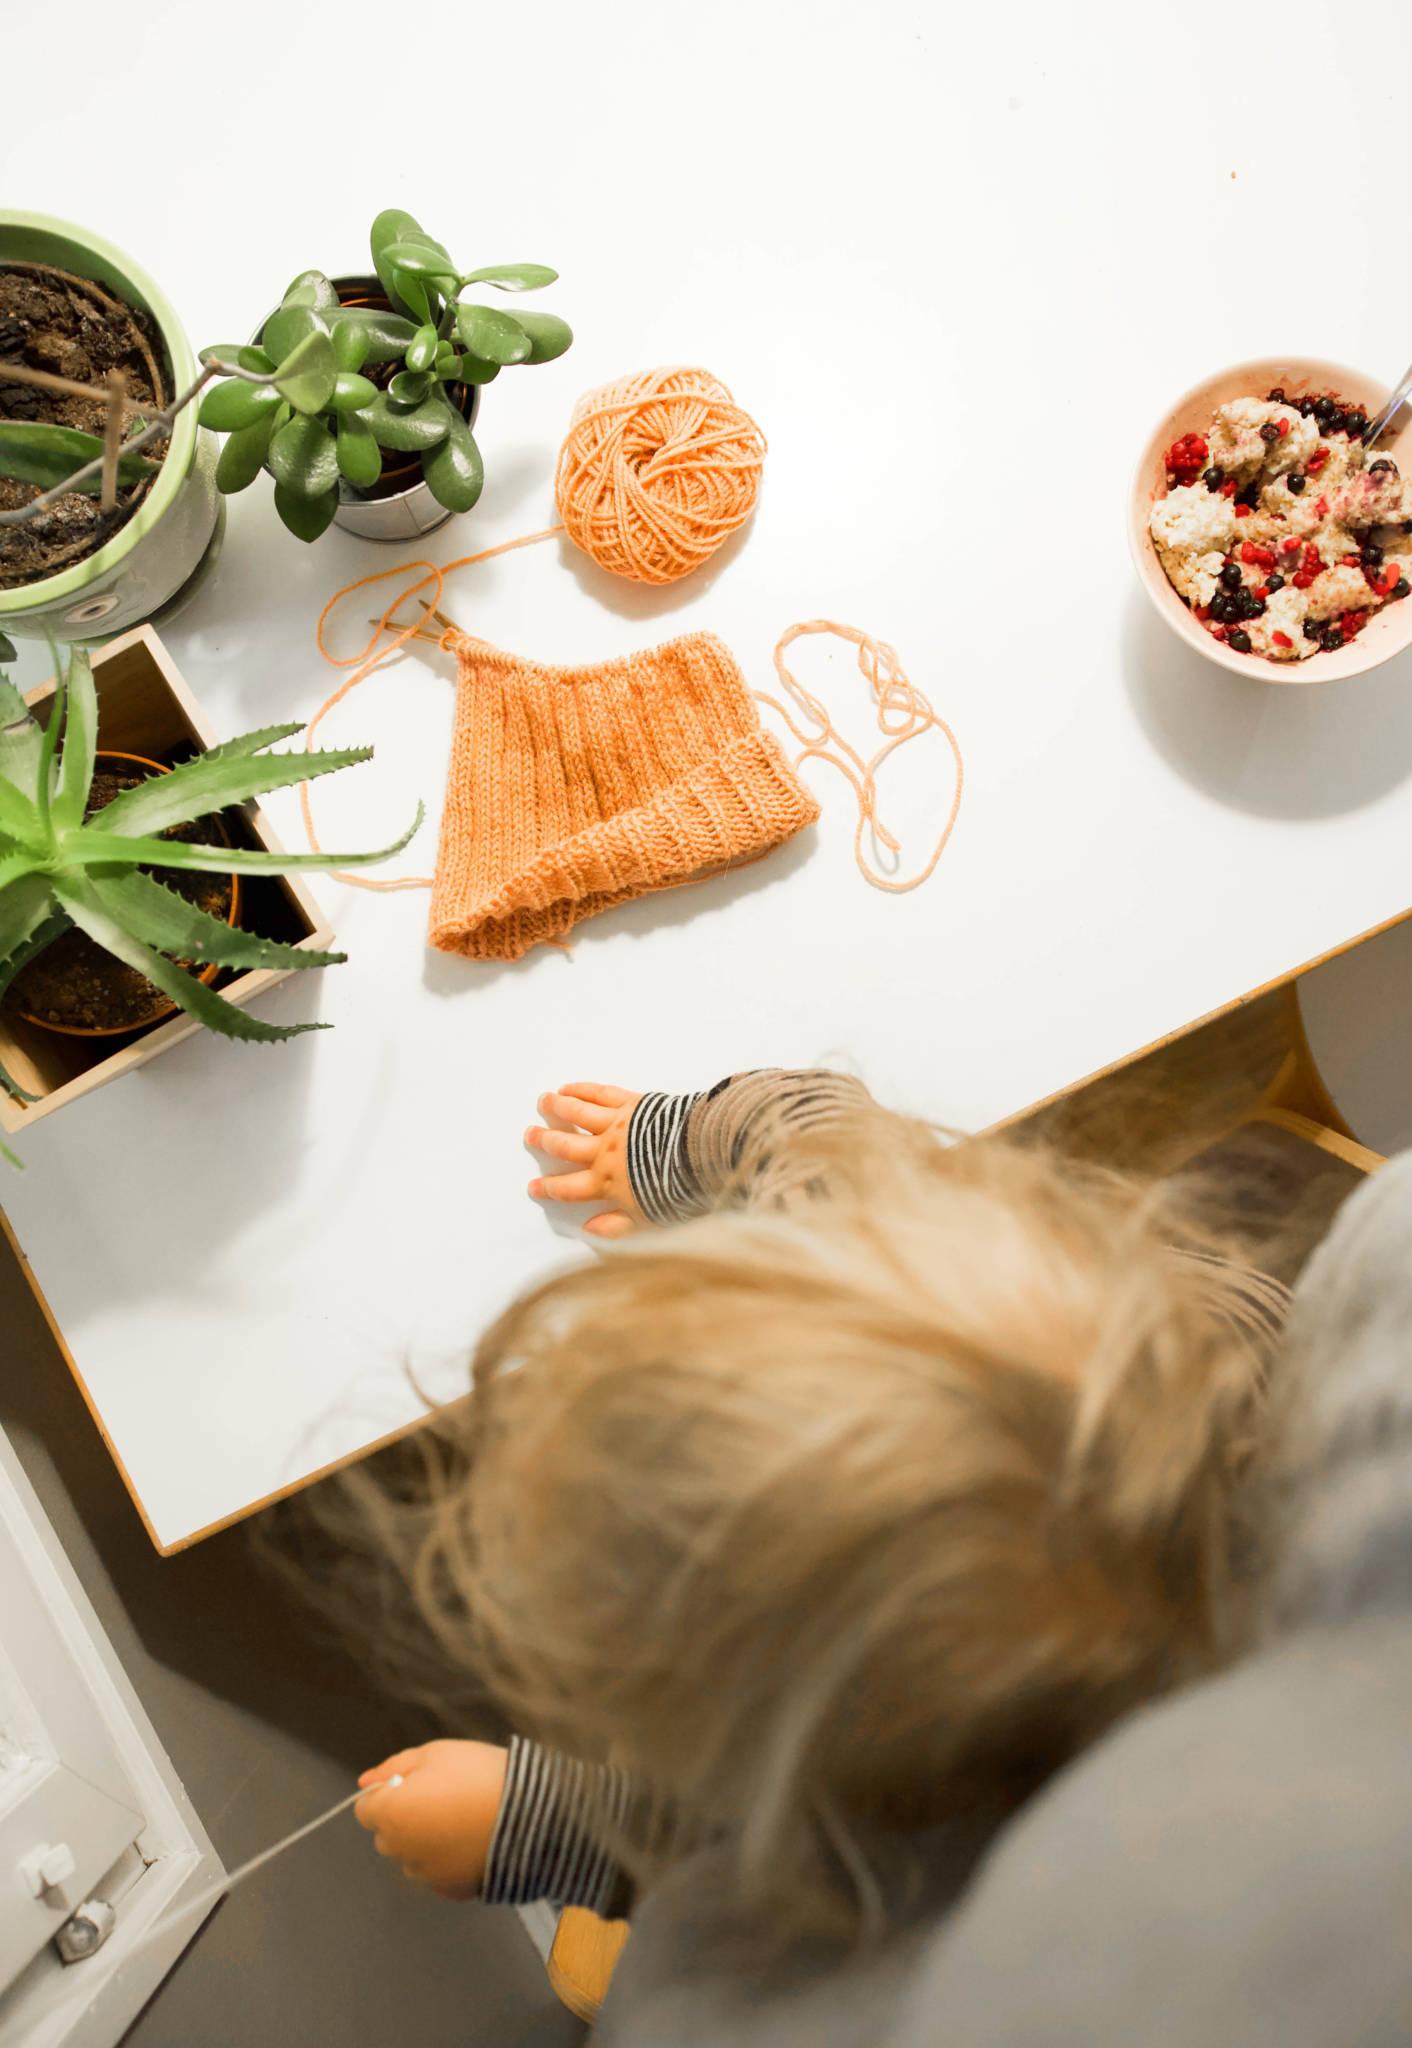 Lauantain aamujuttuja ja paras rohtojuoma flunssaan